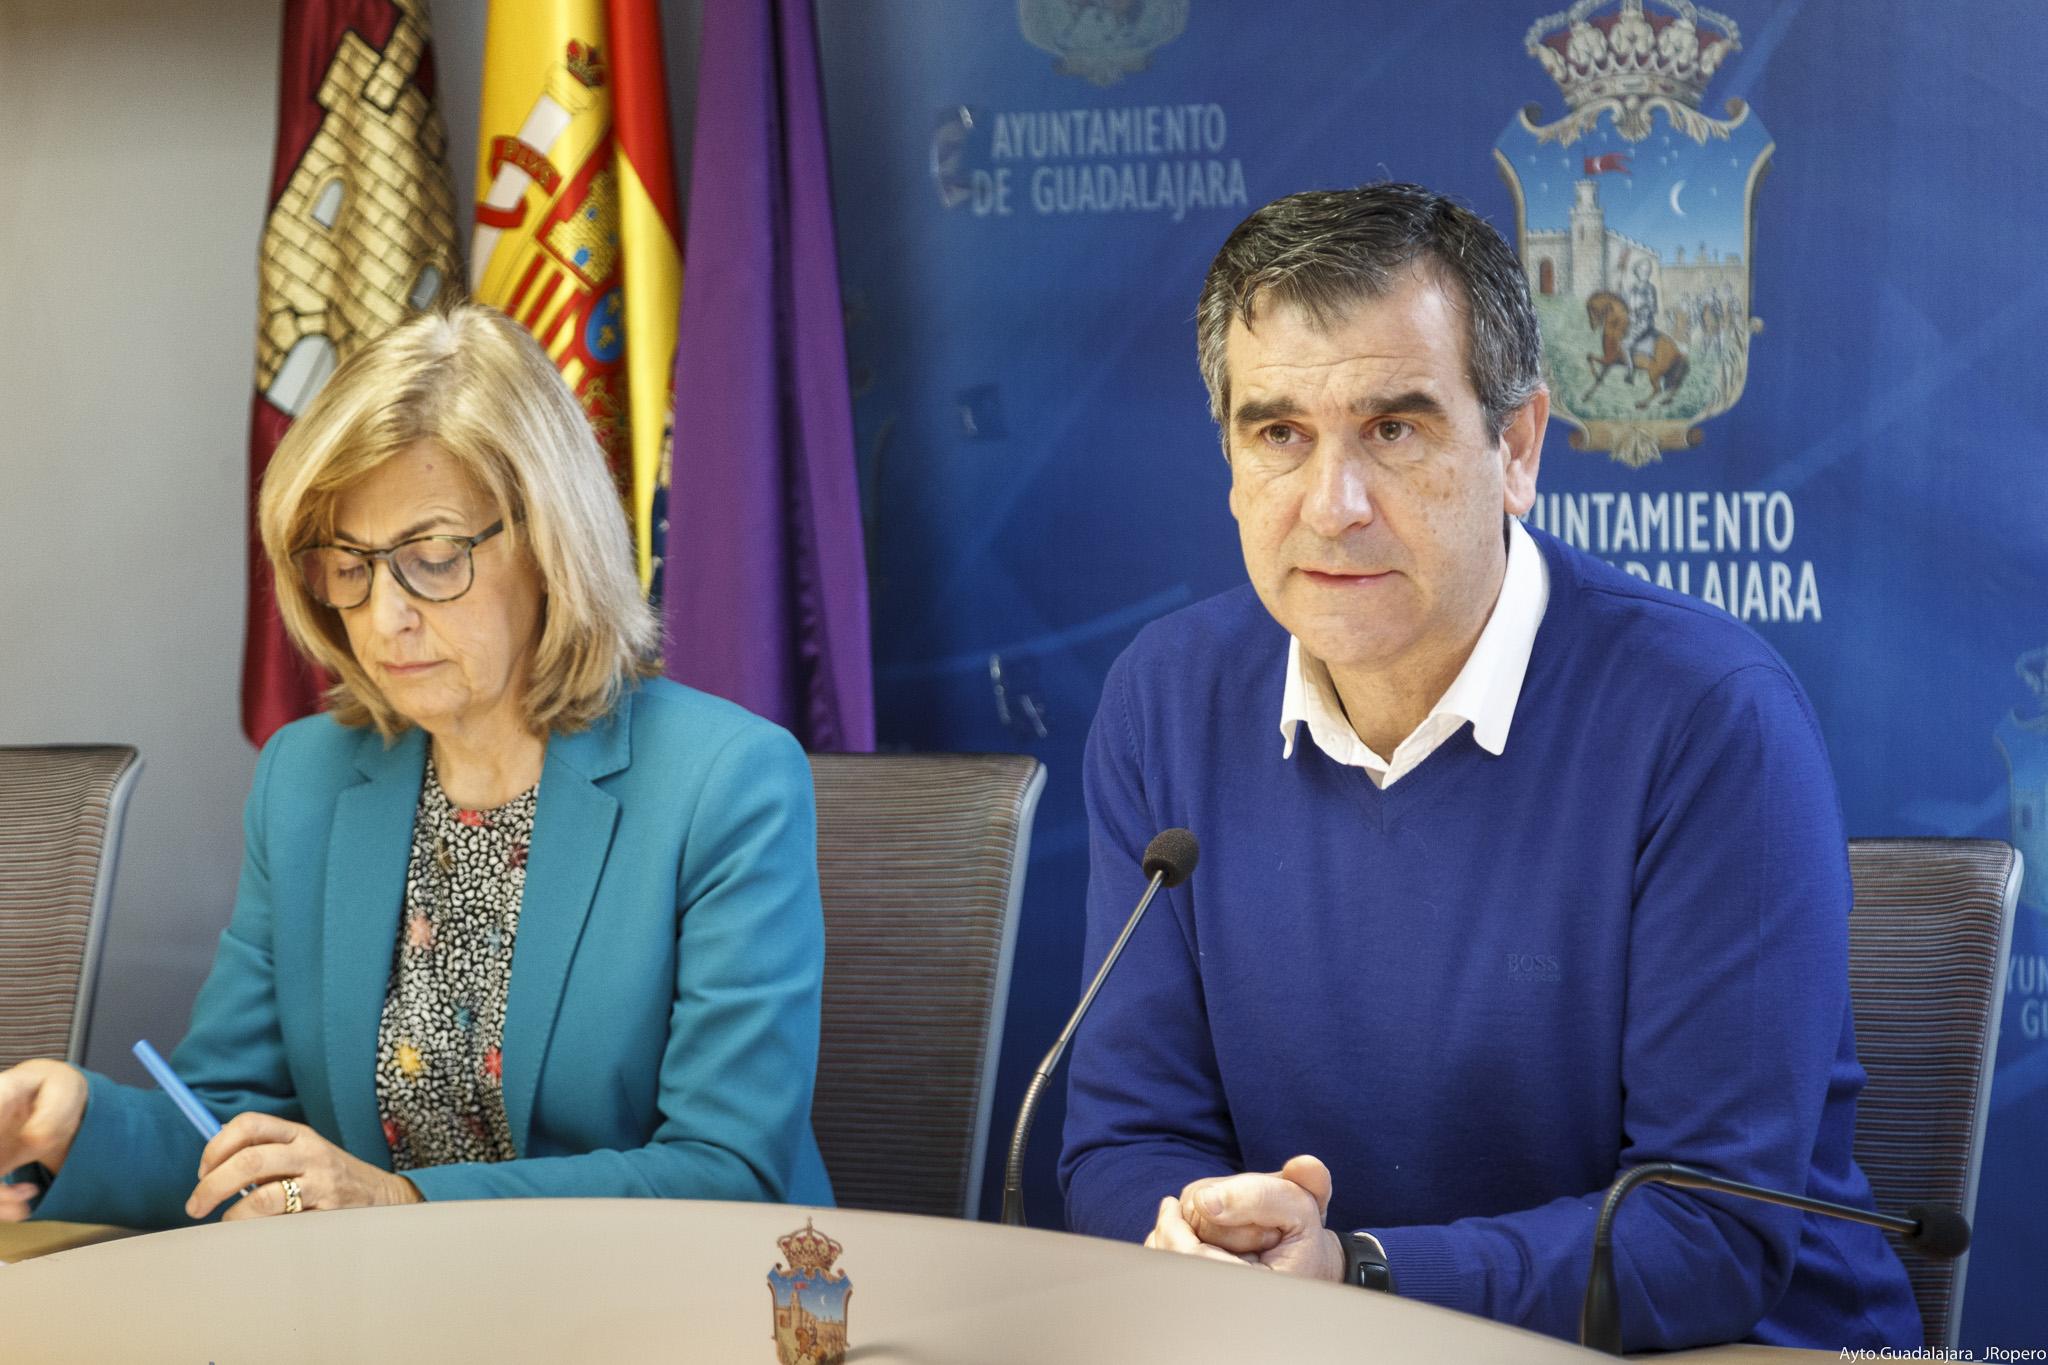 El Ayuntamiento de Guadalajara concede cerca de 500 ayudas para subvencionar gastos derivados de la compra de material escolar